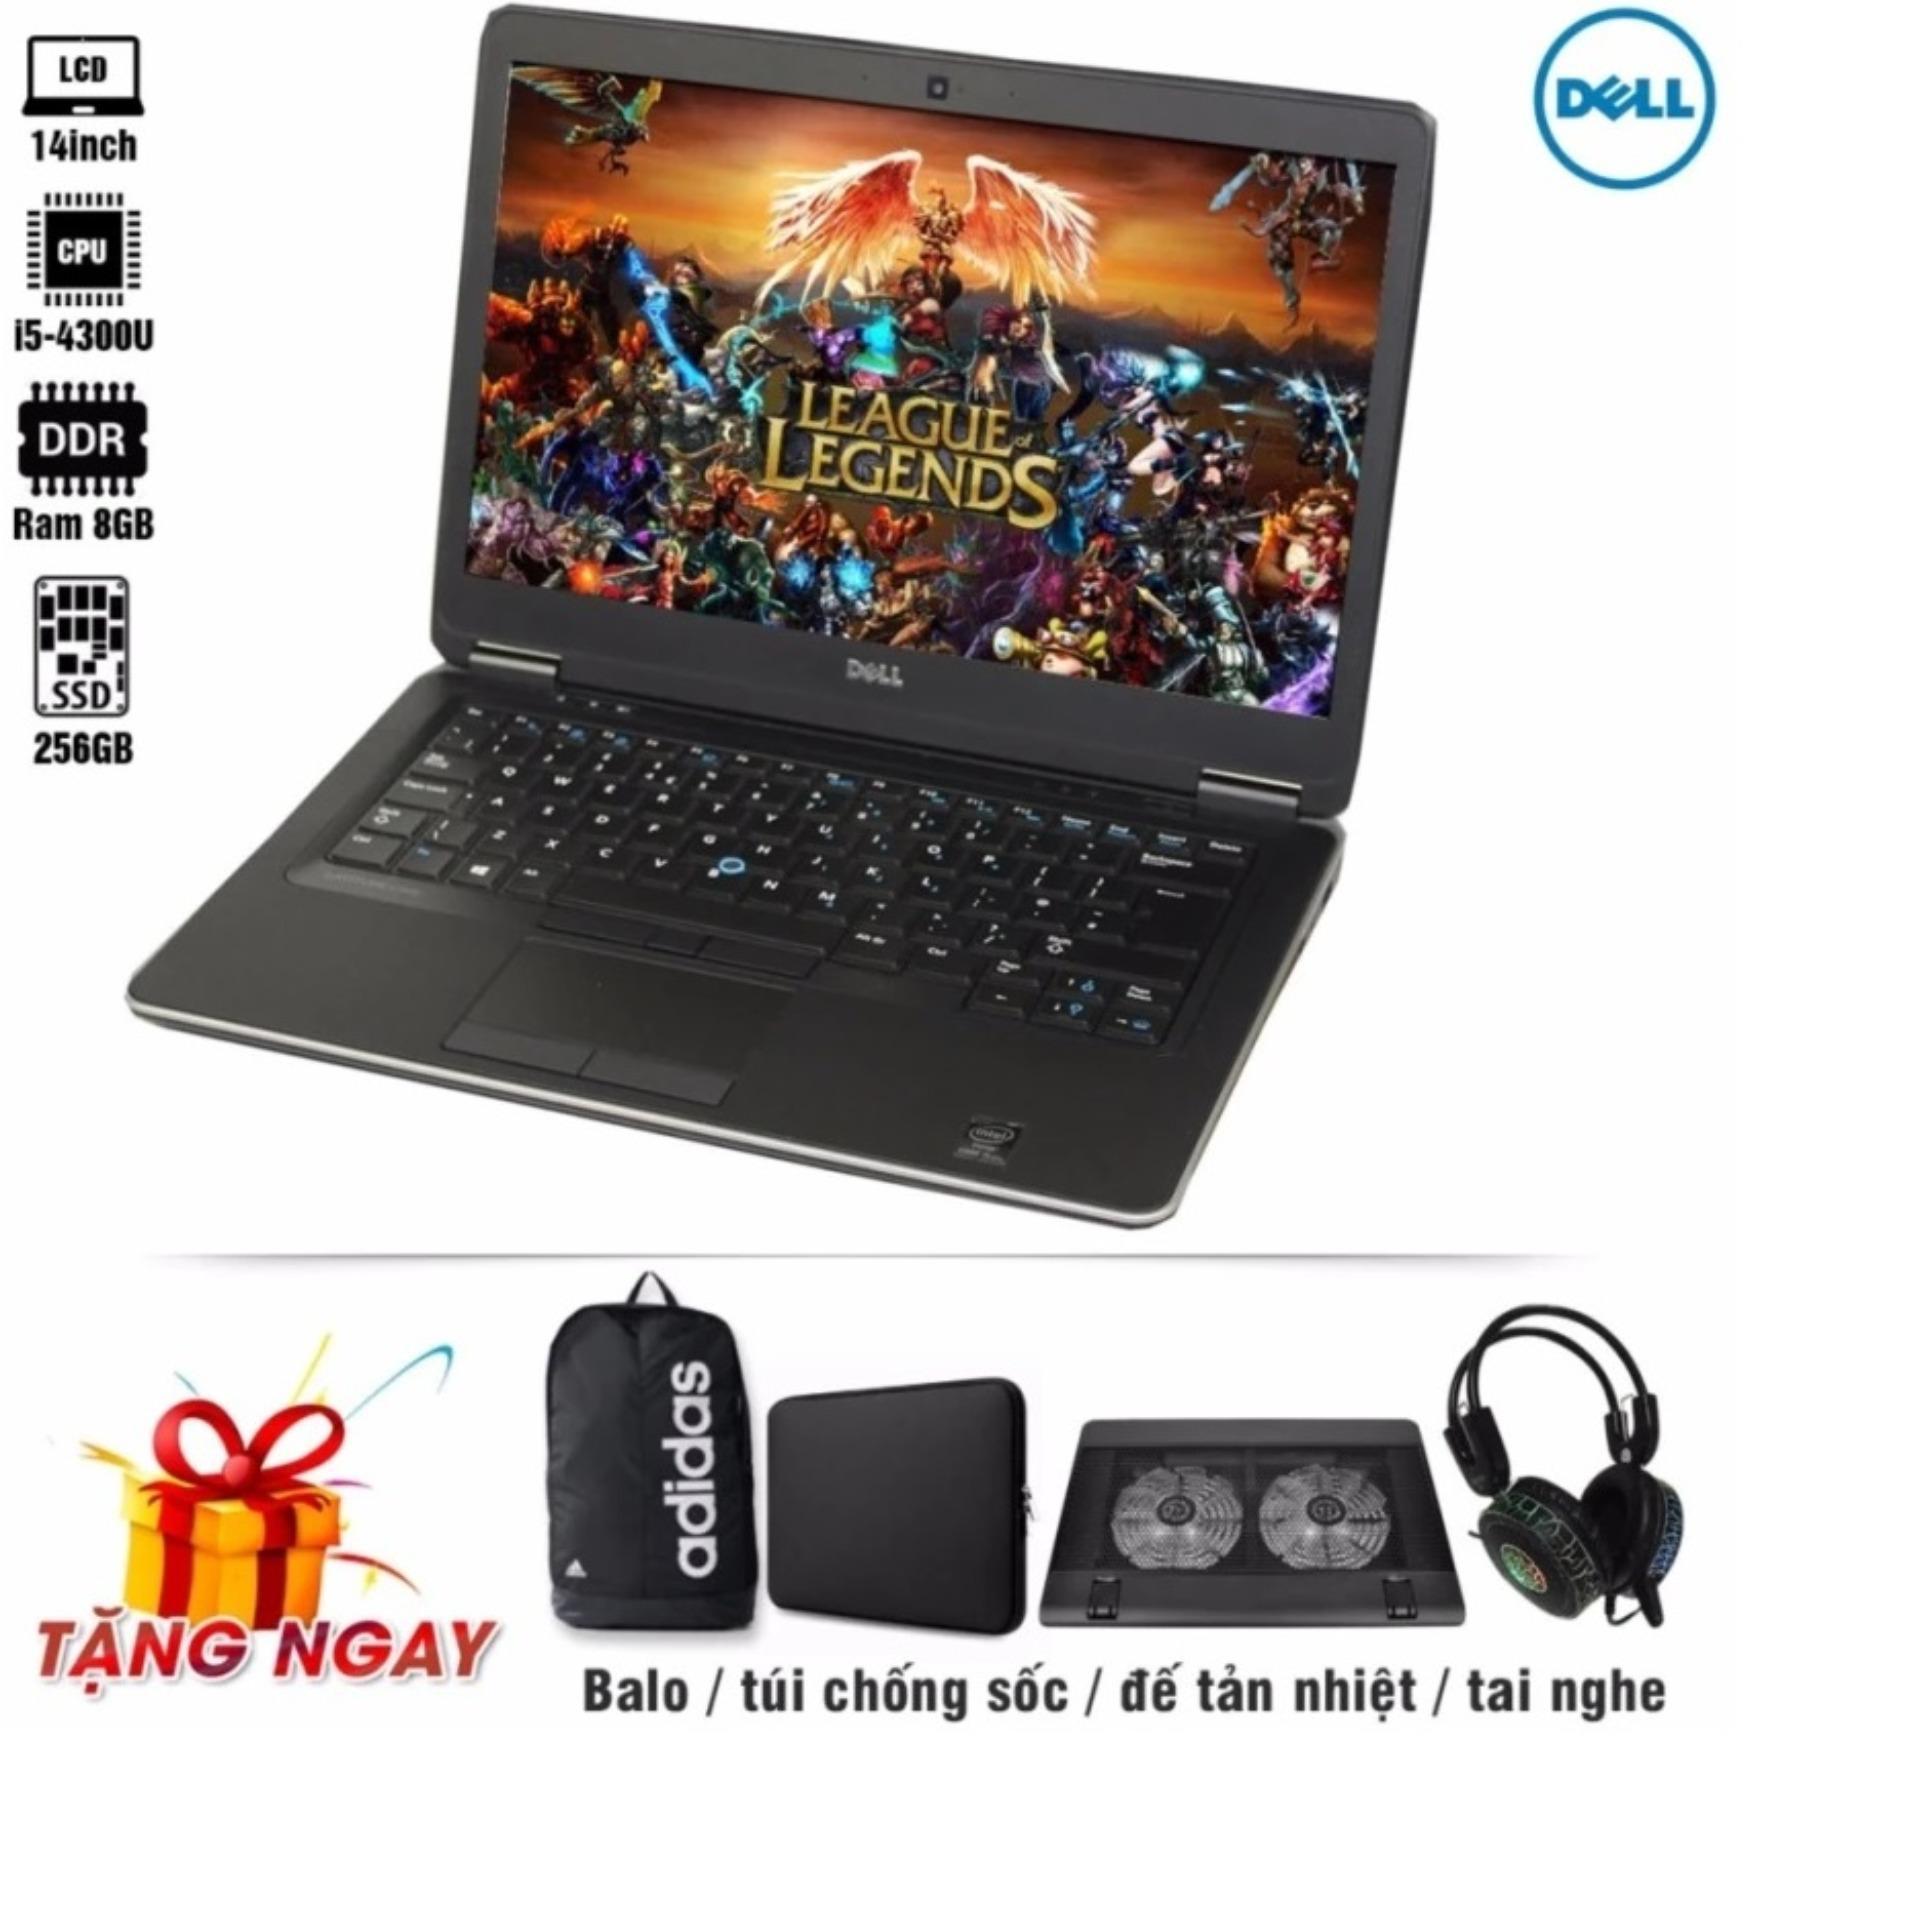 Laptop Dell Latitude 7440 i5-4300U 14inch, 8GB, SSD 240GB (Tặng Balo, túi chống sốc, đế tản nhiệt, tai nghe) -...